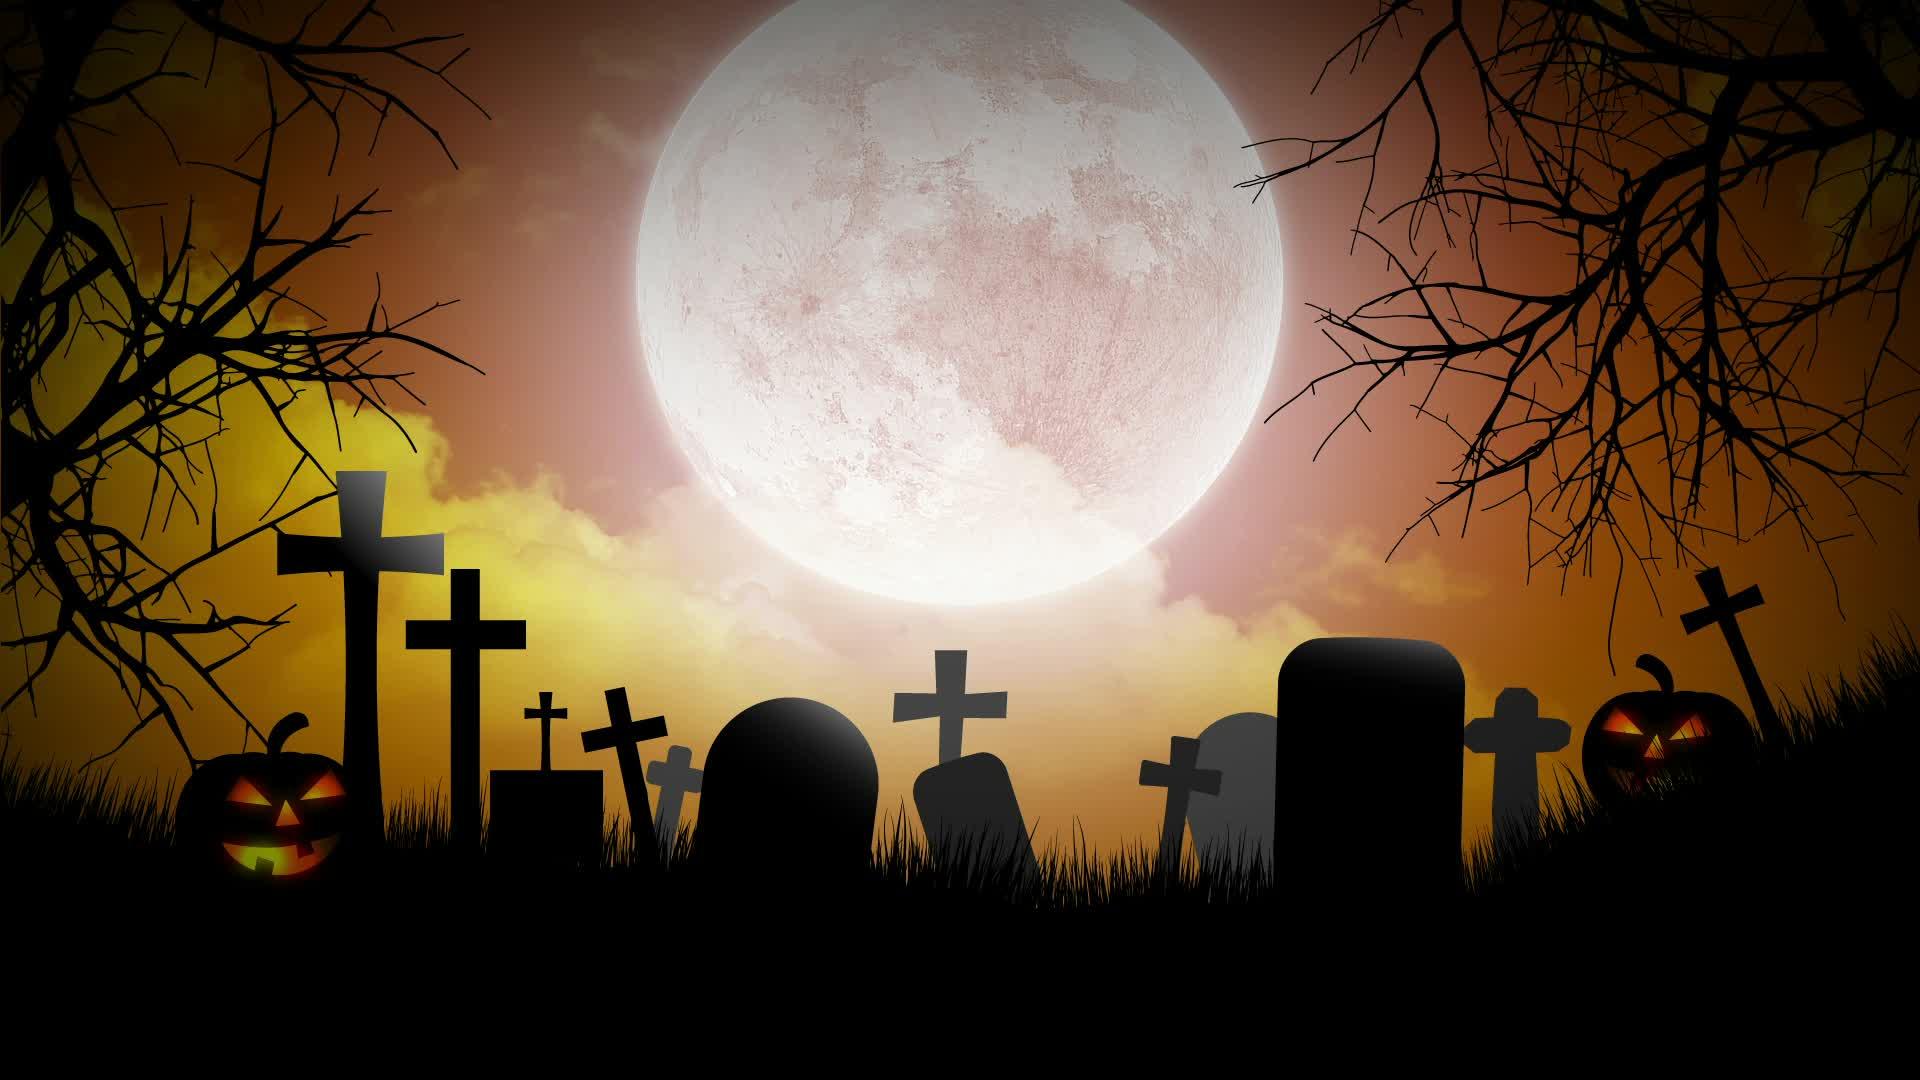 Graveyard Backgrounds - WallpaperSafari